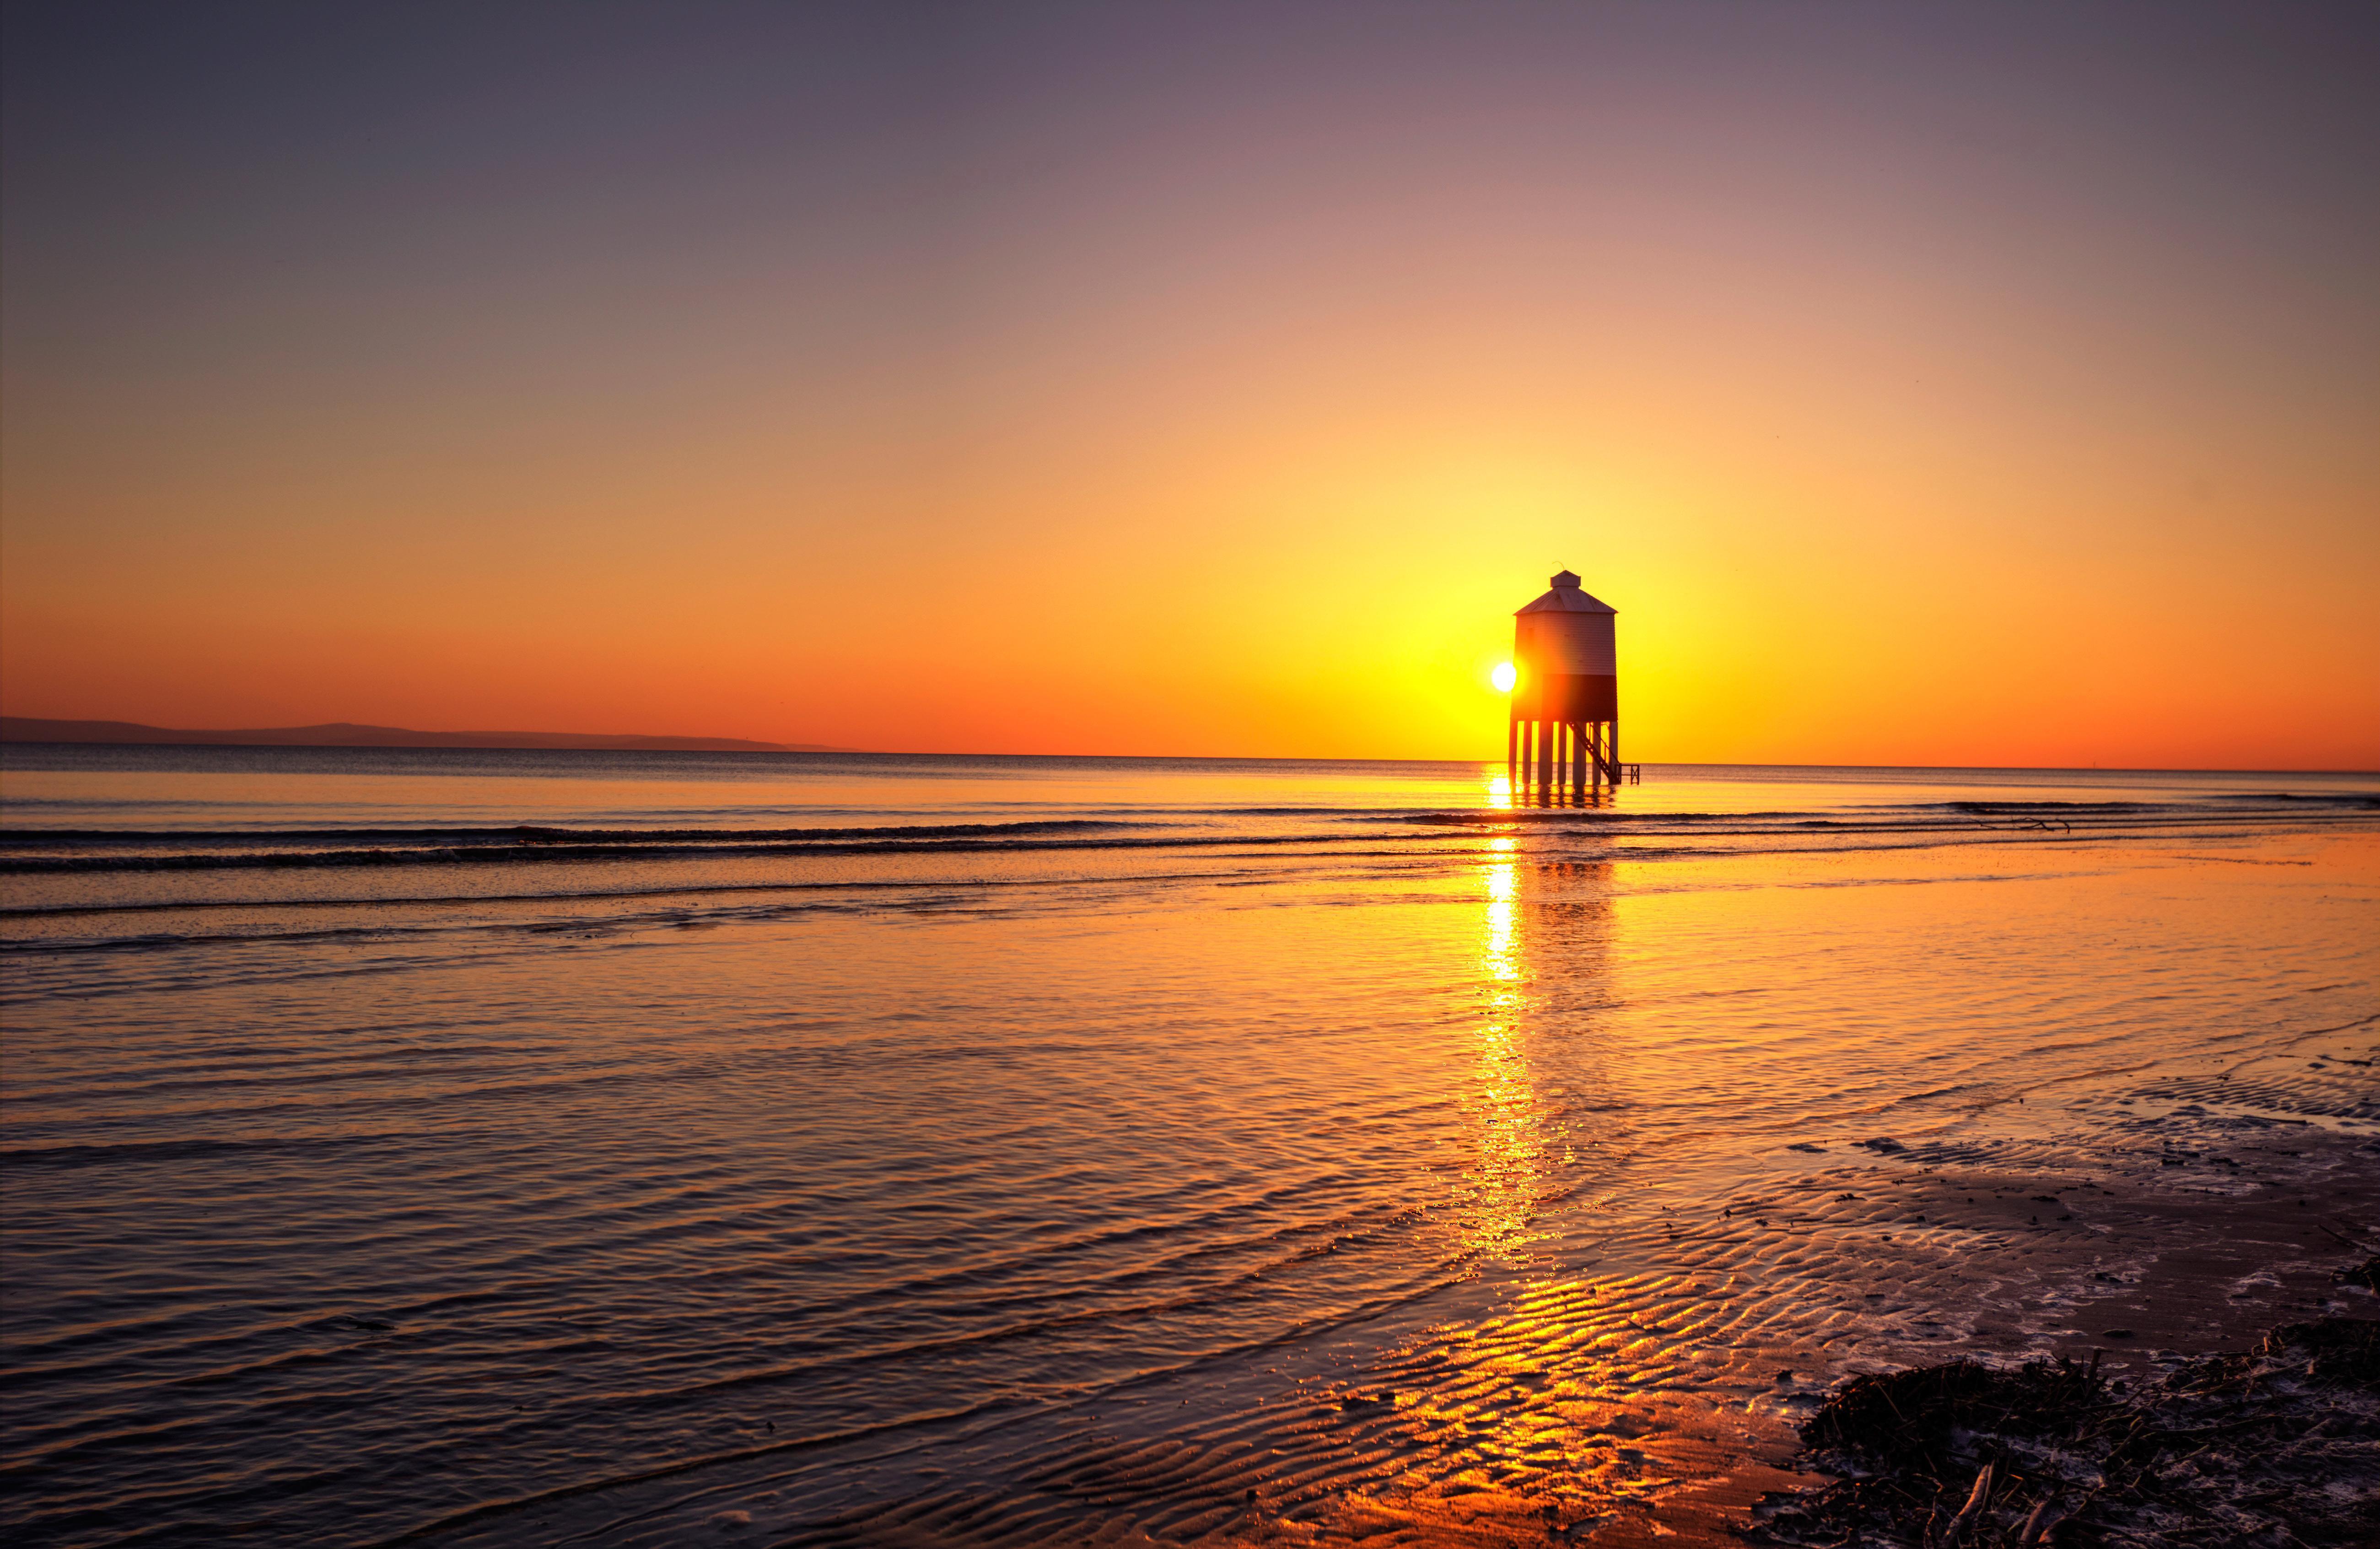 ласкать рассвет на берегу моря фото любители куриного мяса